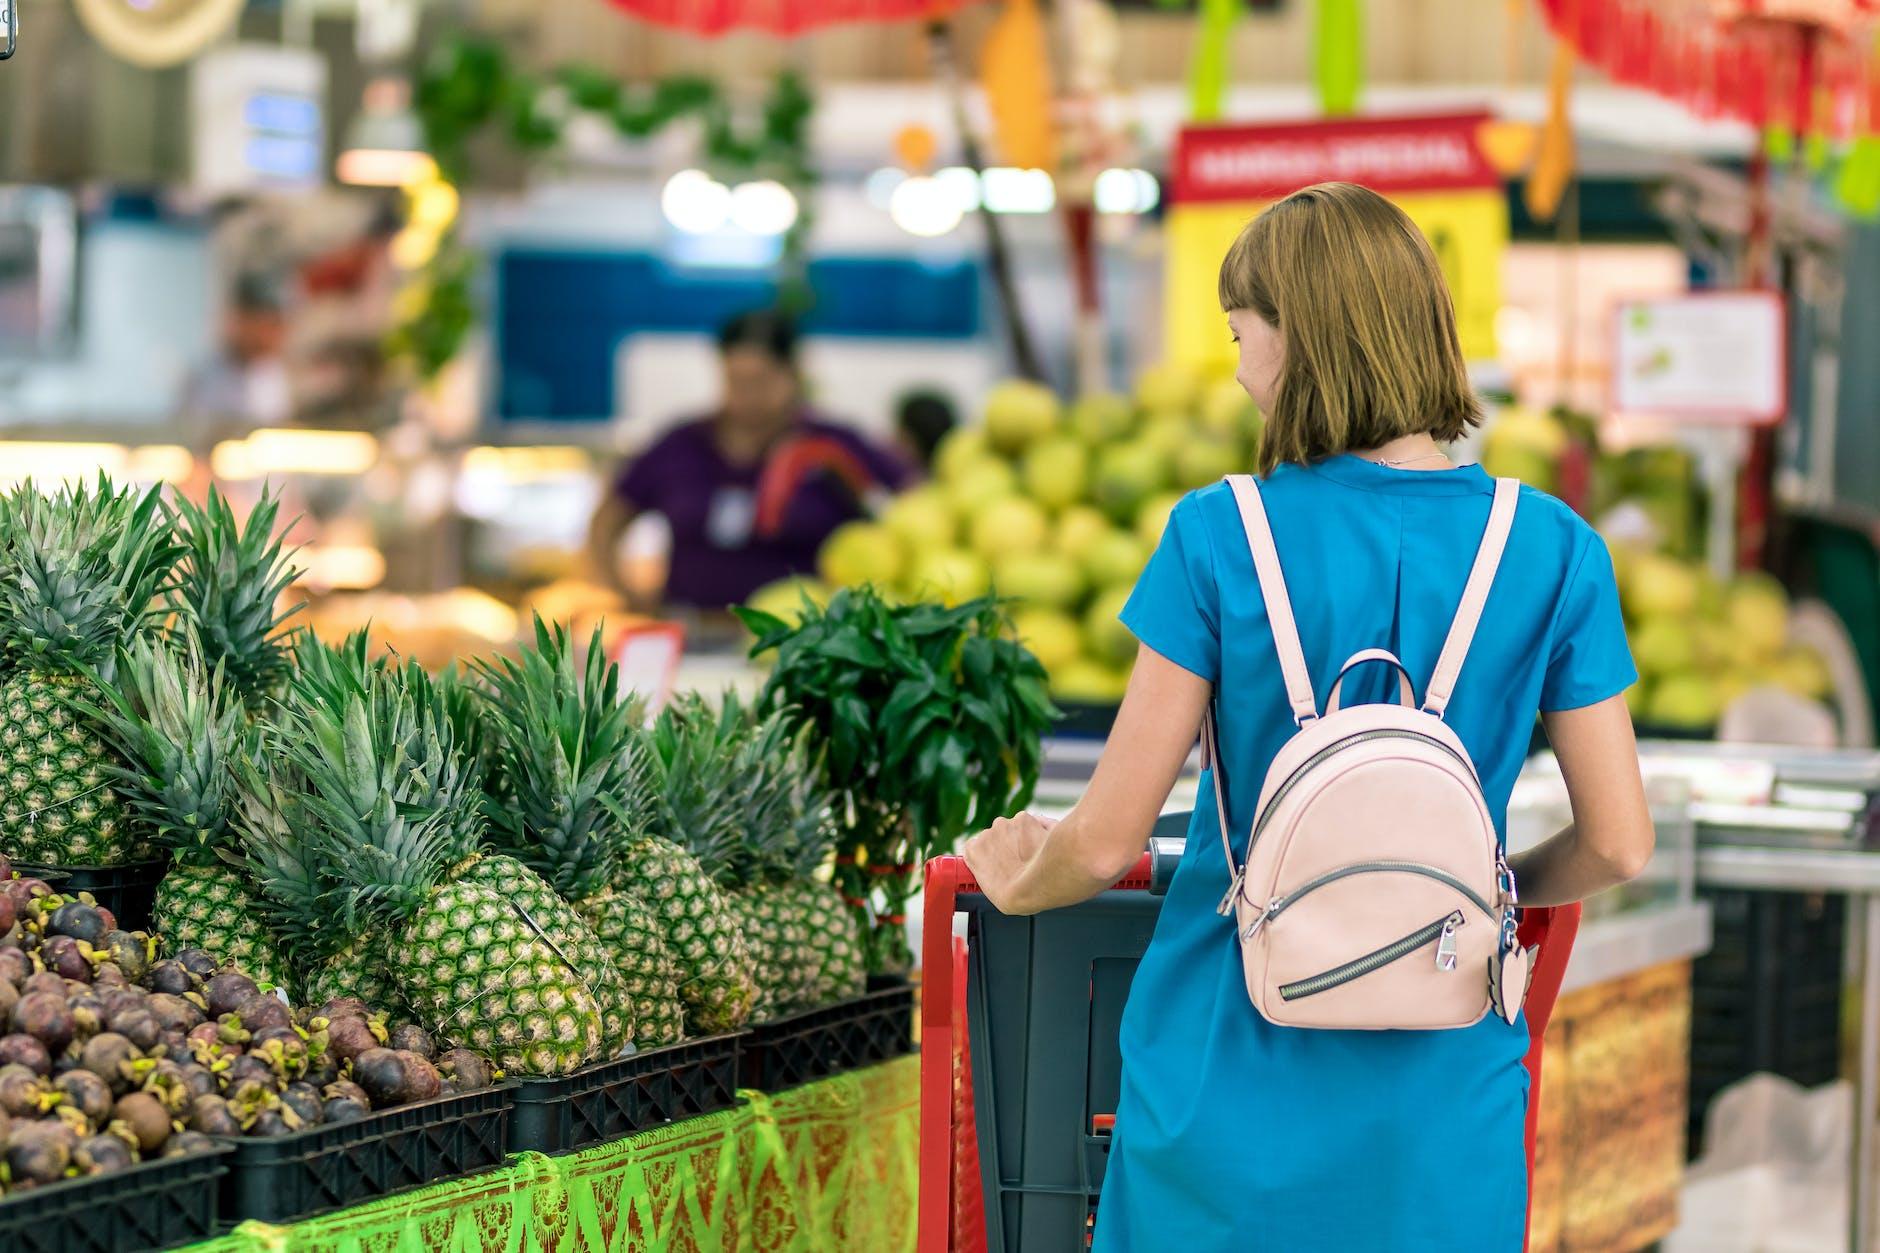 Vrouw met blauwe jurk met een supermarktkarretje doet boodschappen met een boodschappenlijstje.